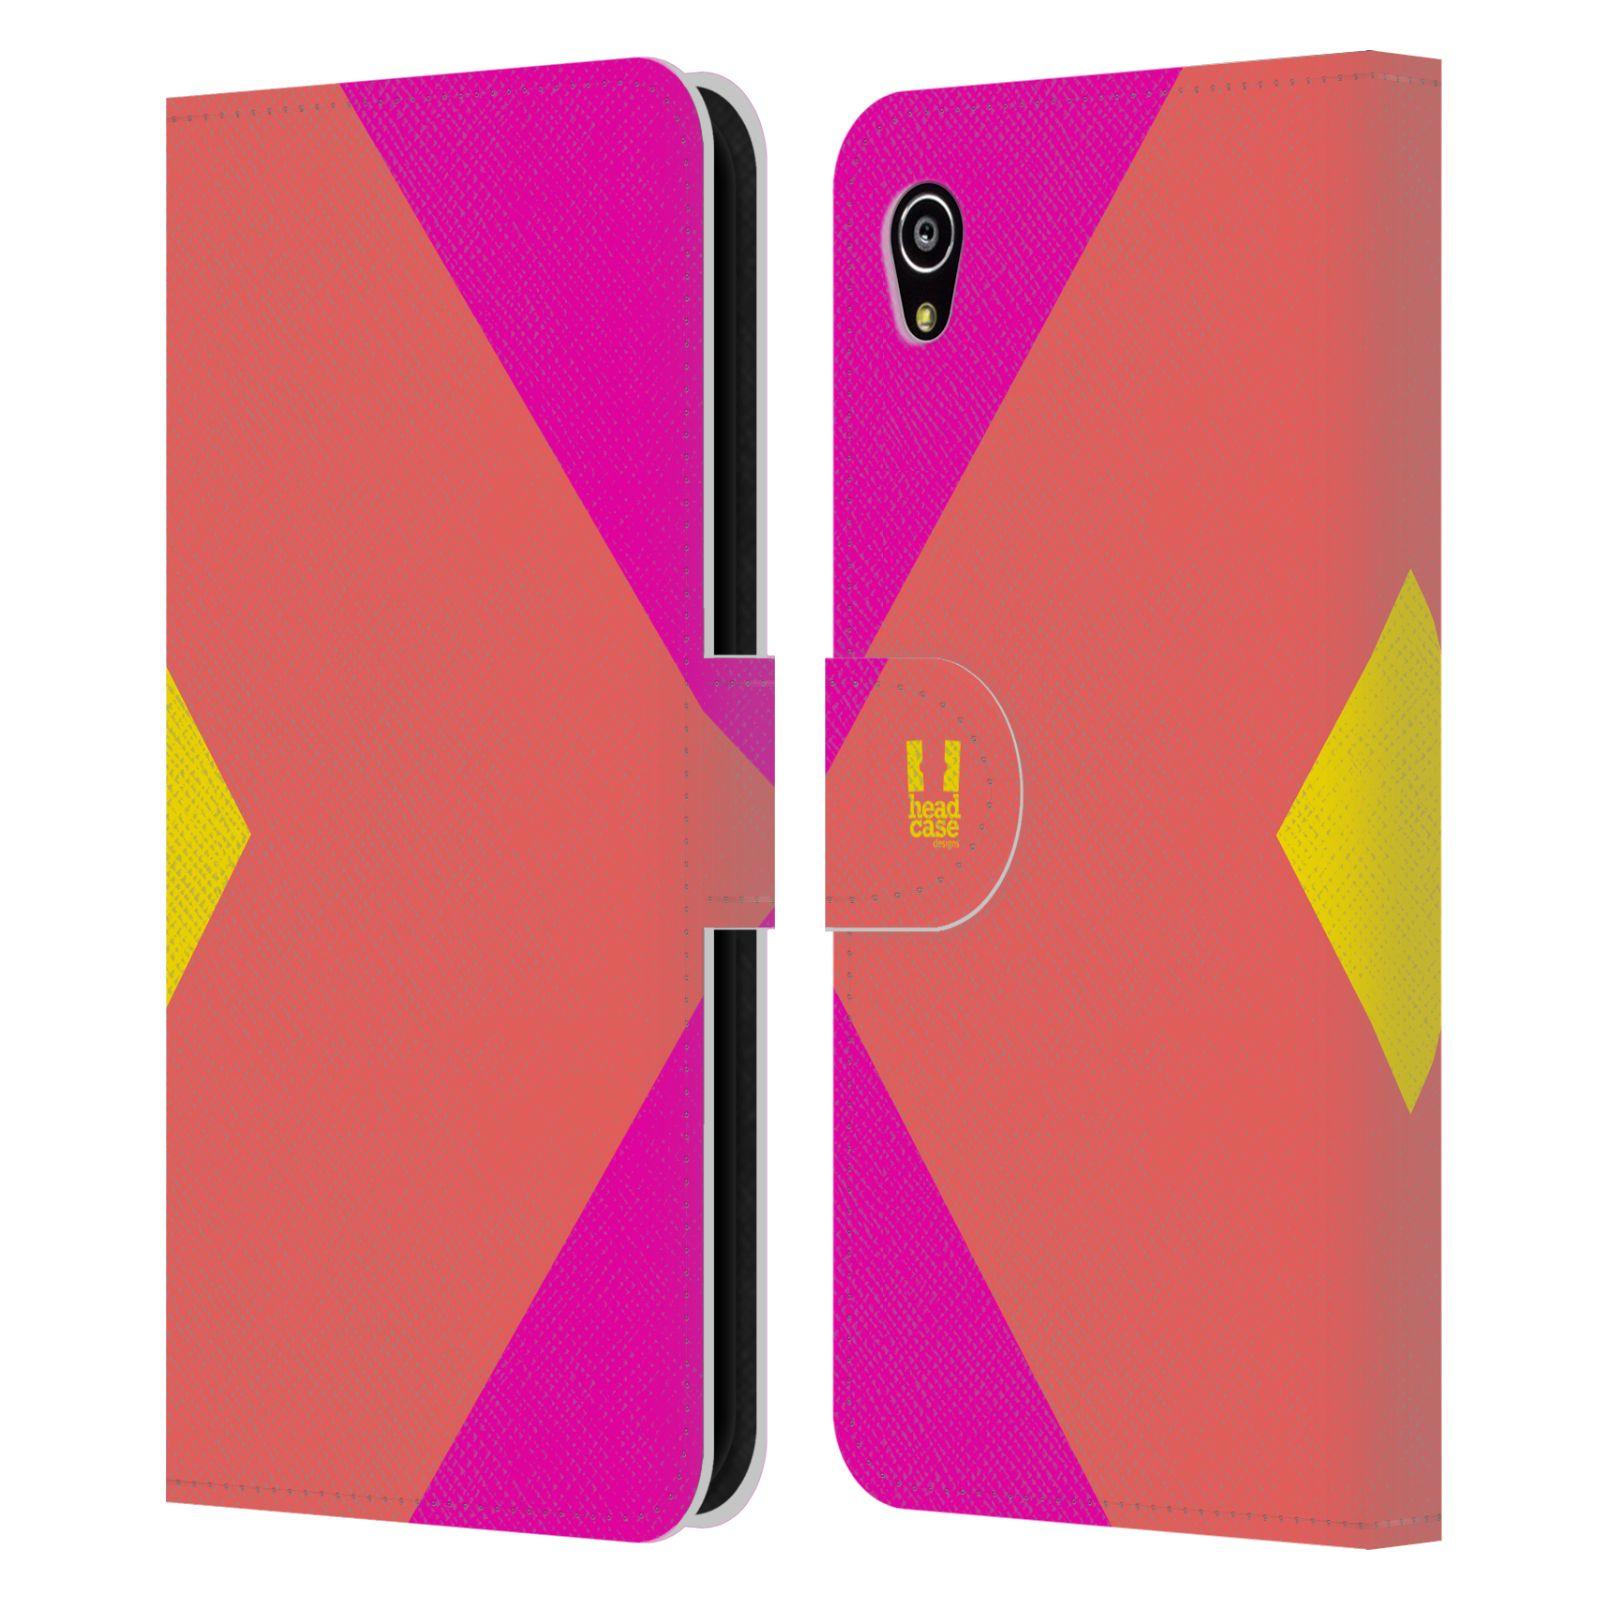 HEAD CASE Flipové pouzdro pro mobil SONY Xperia M4 Aqua barevné tvary růžová korál